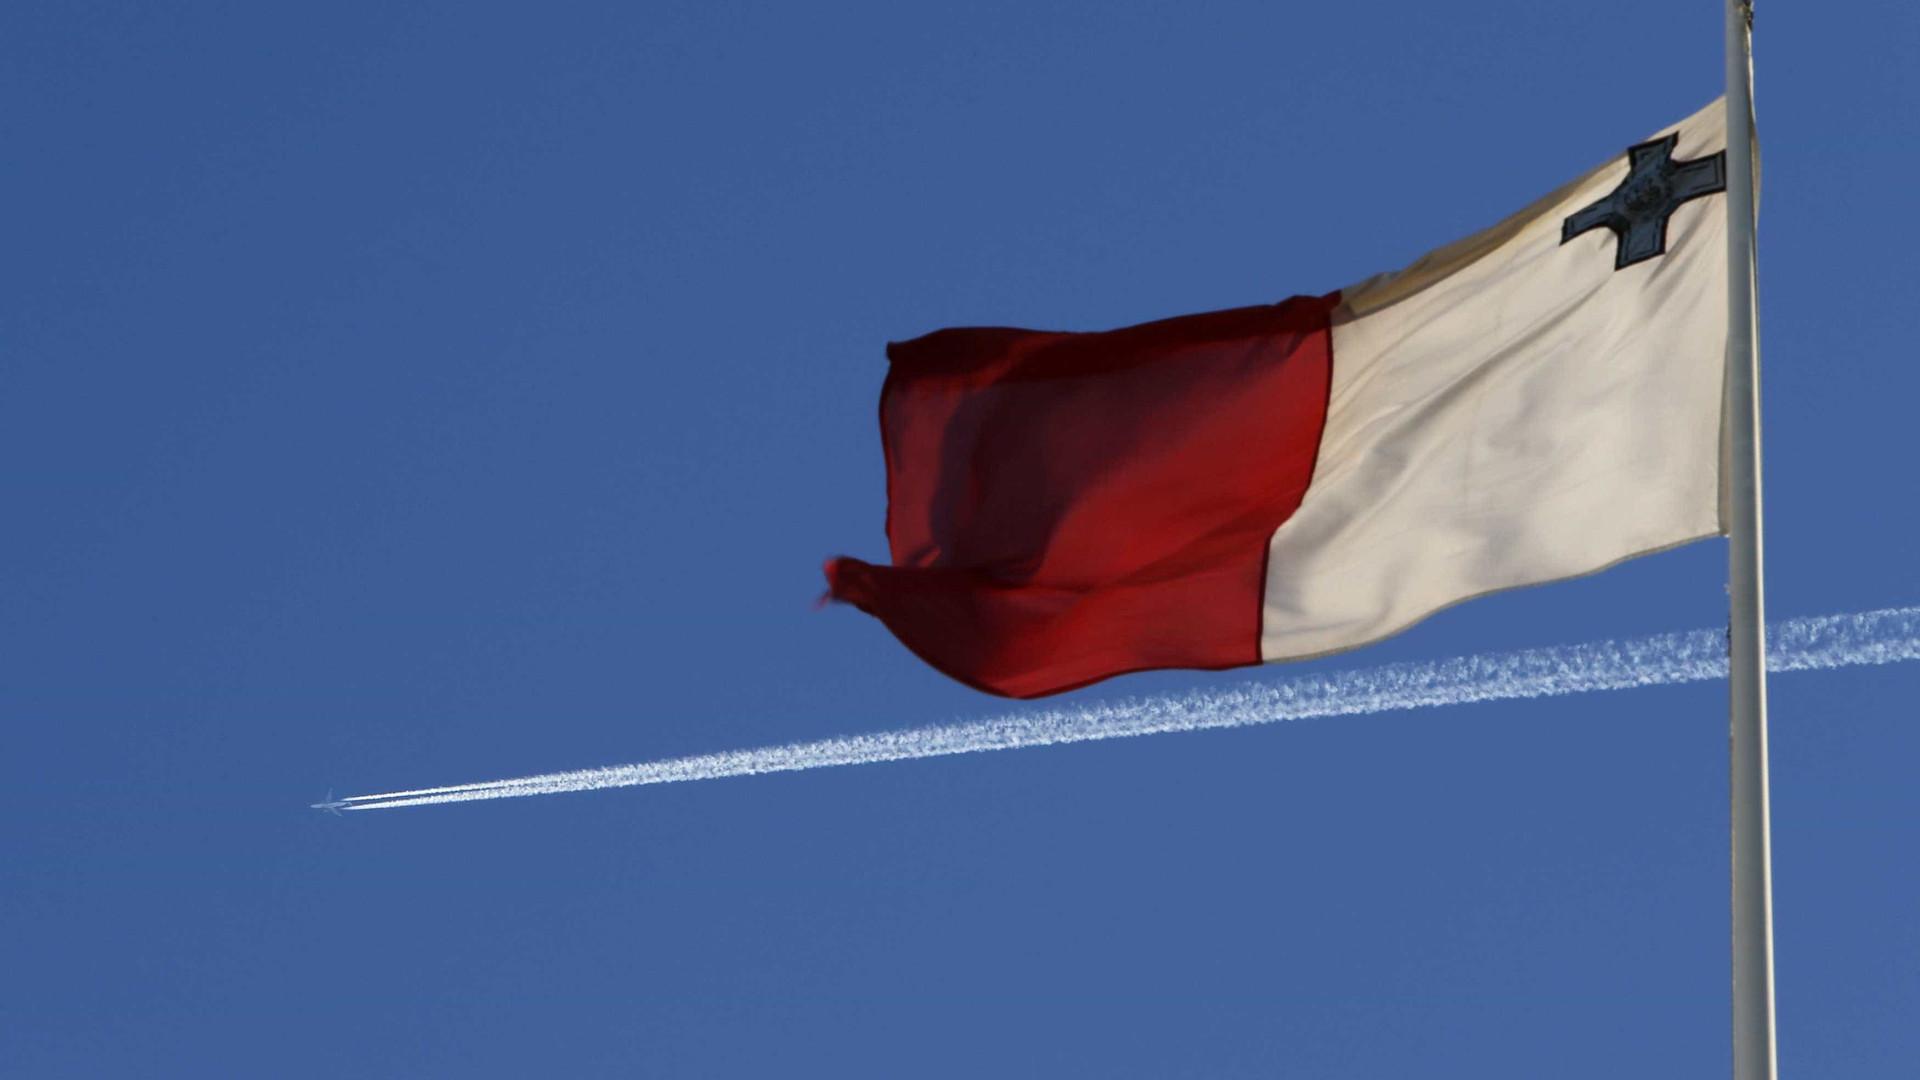 Egito pedirá para seus aliados suspenderem comunicações com Qatar